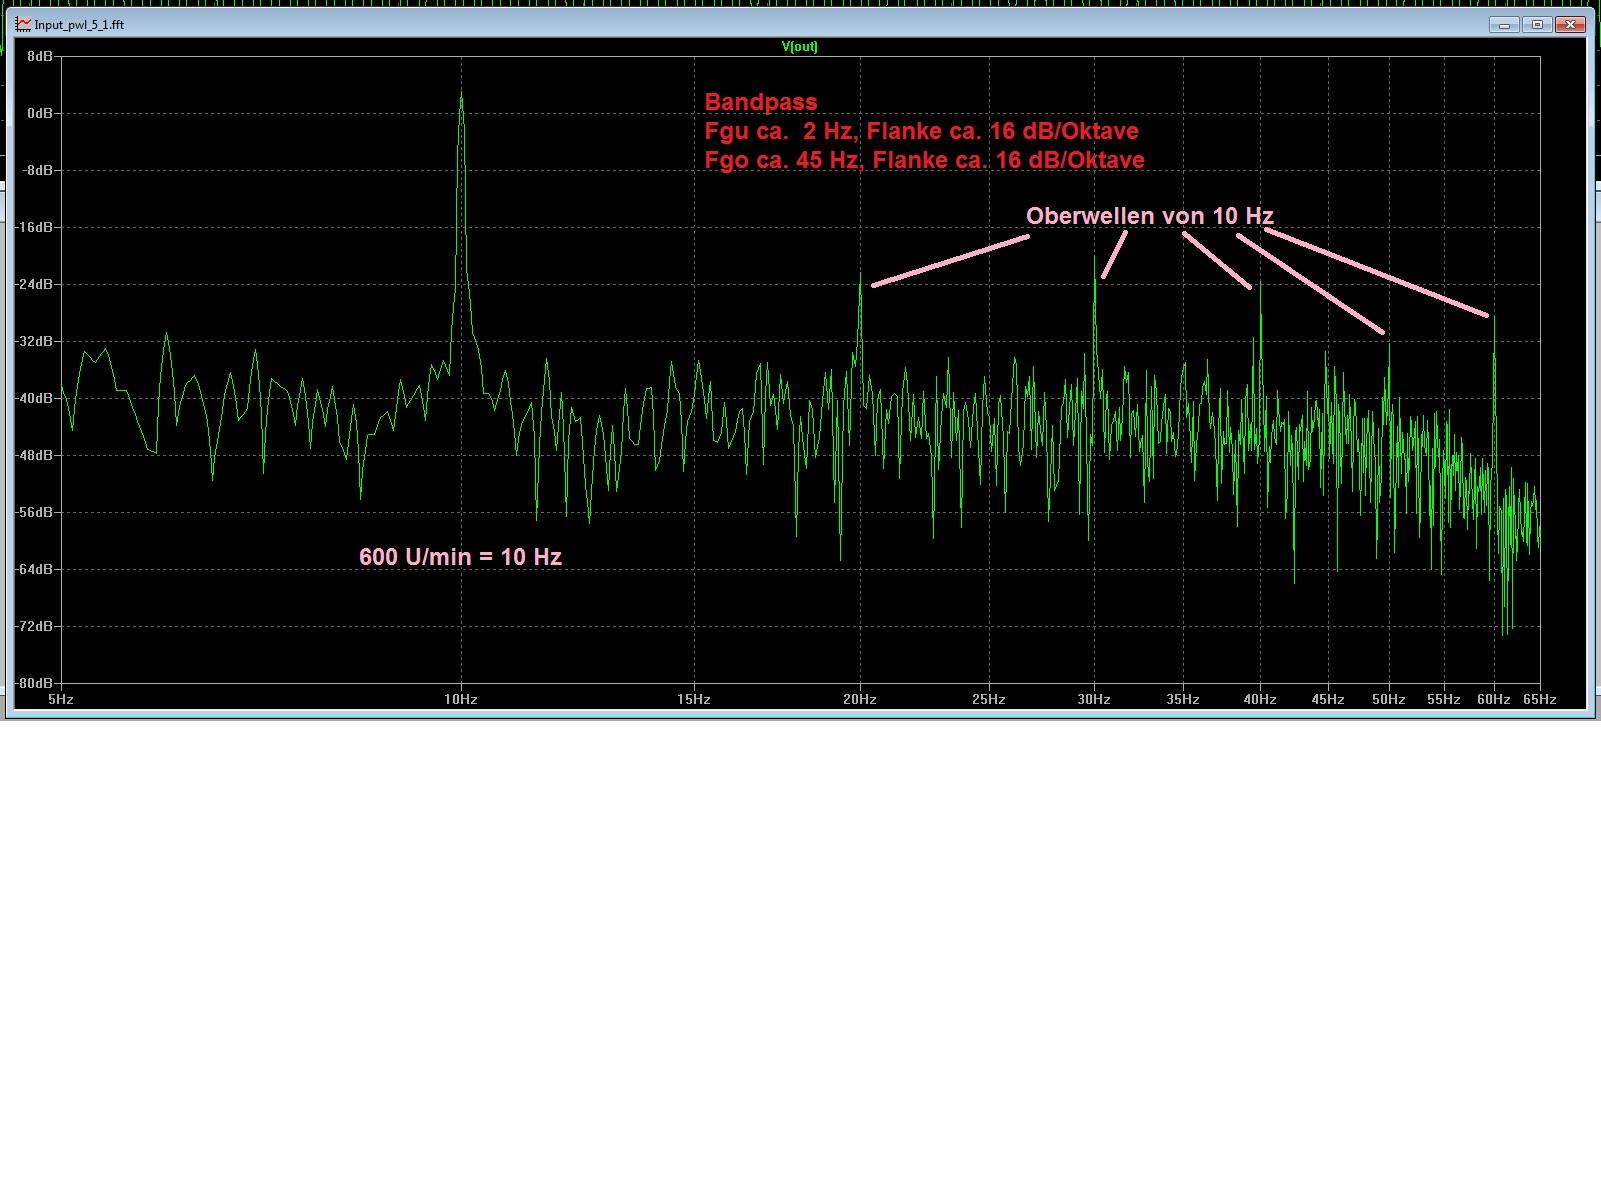 Sinus - Frequenz und Amplitude messen - Mikrocontroller.net